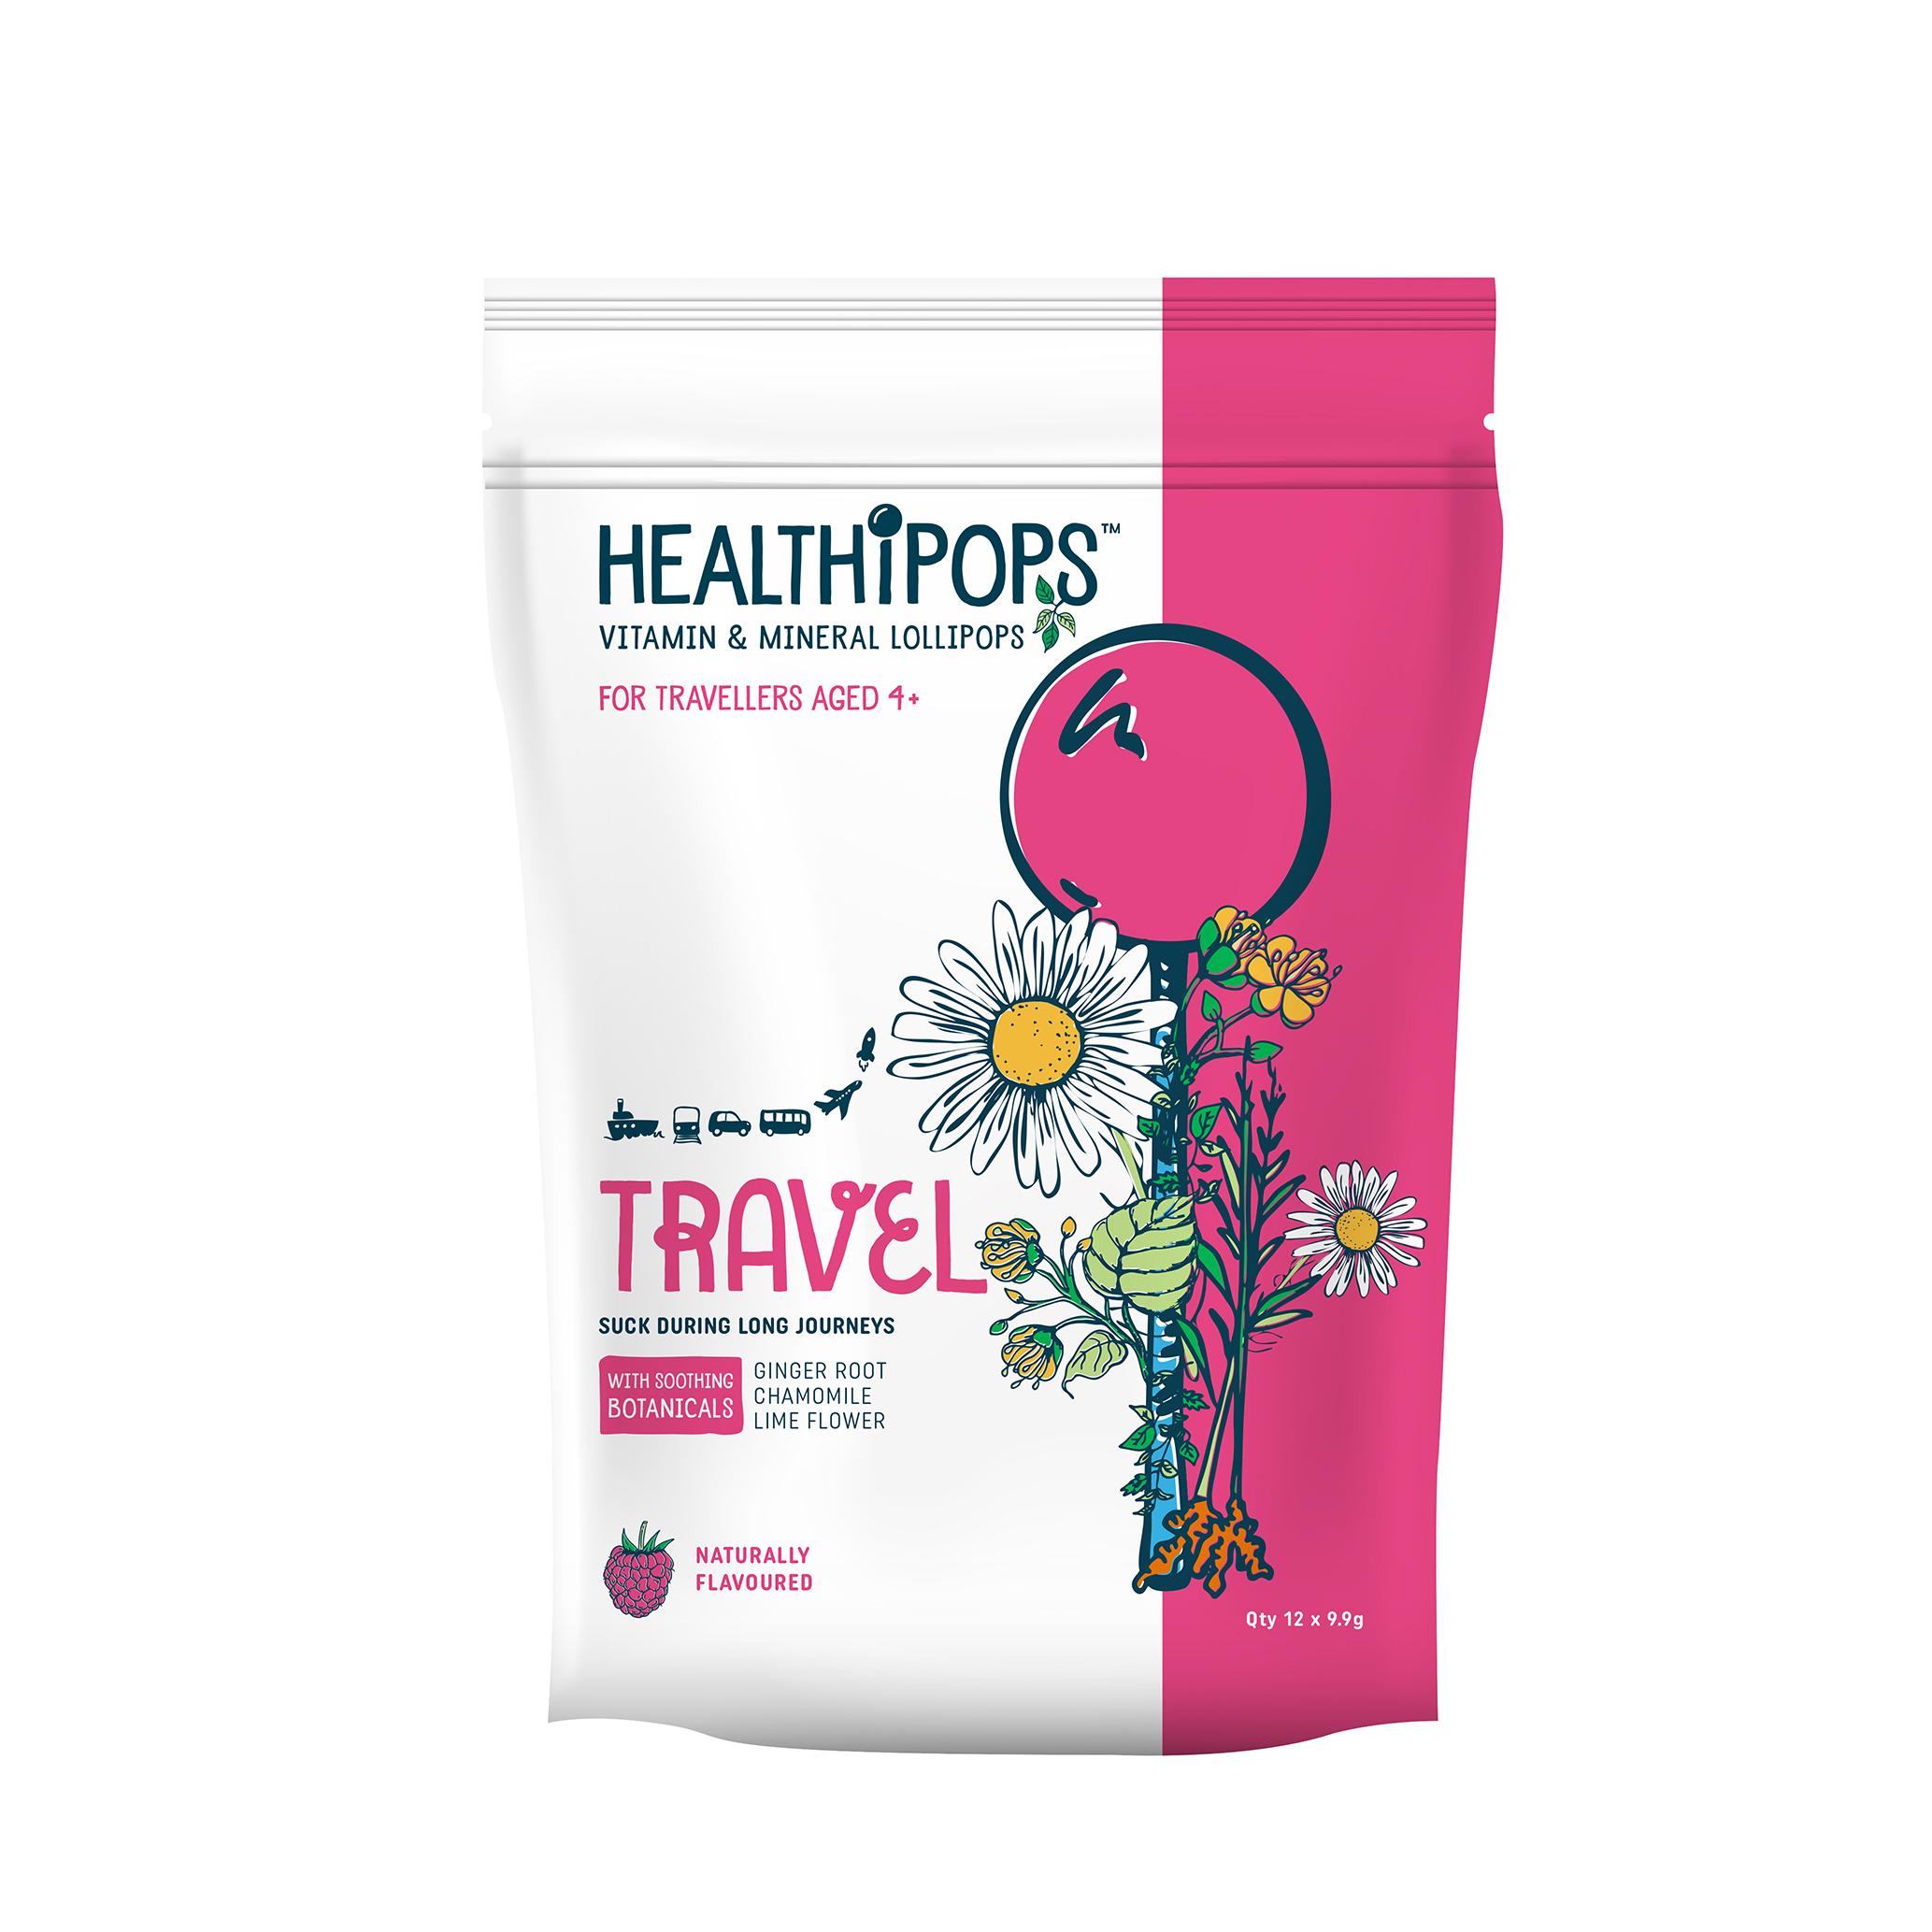 Healthipops